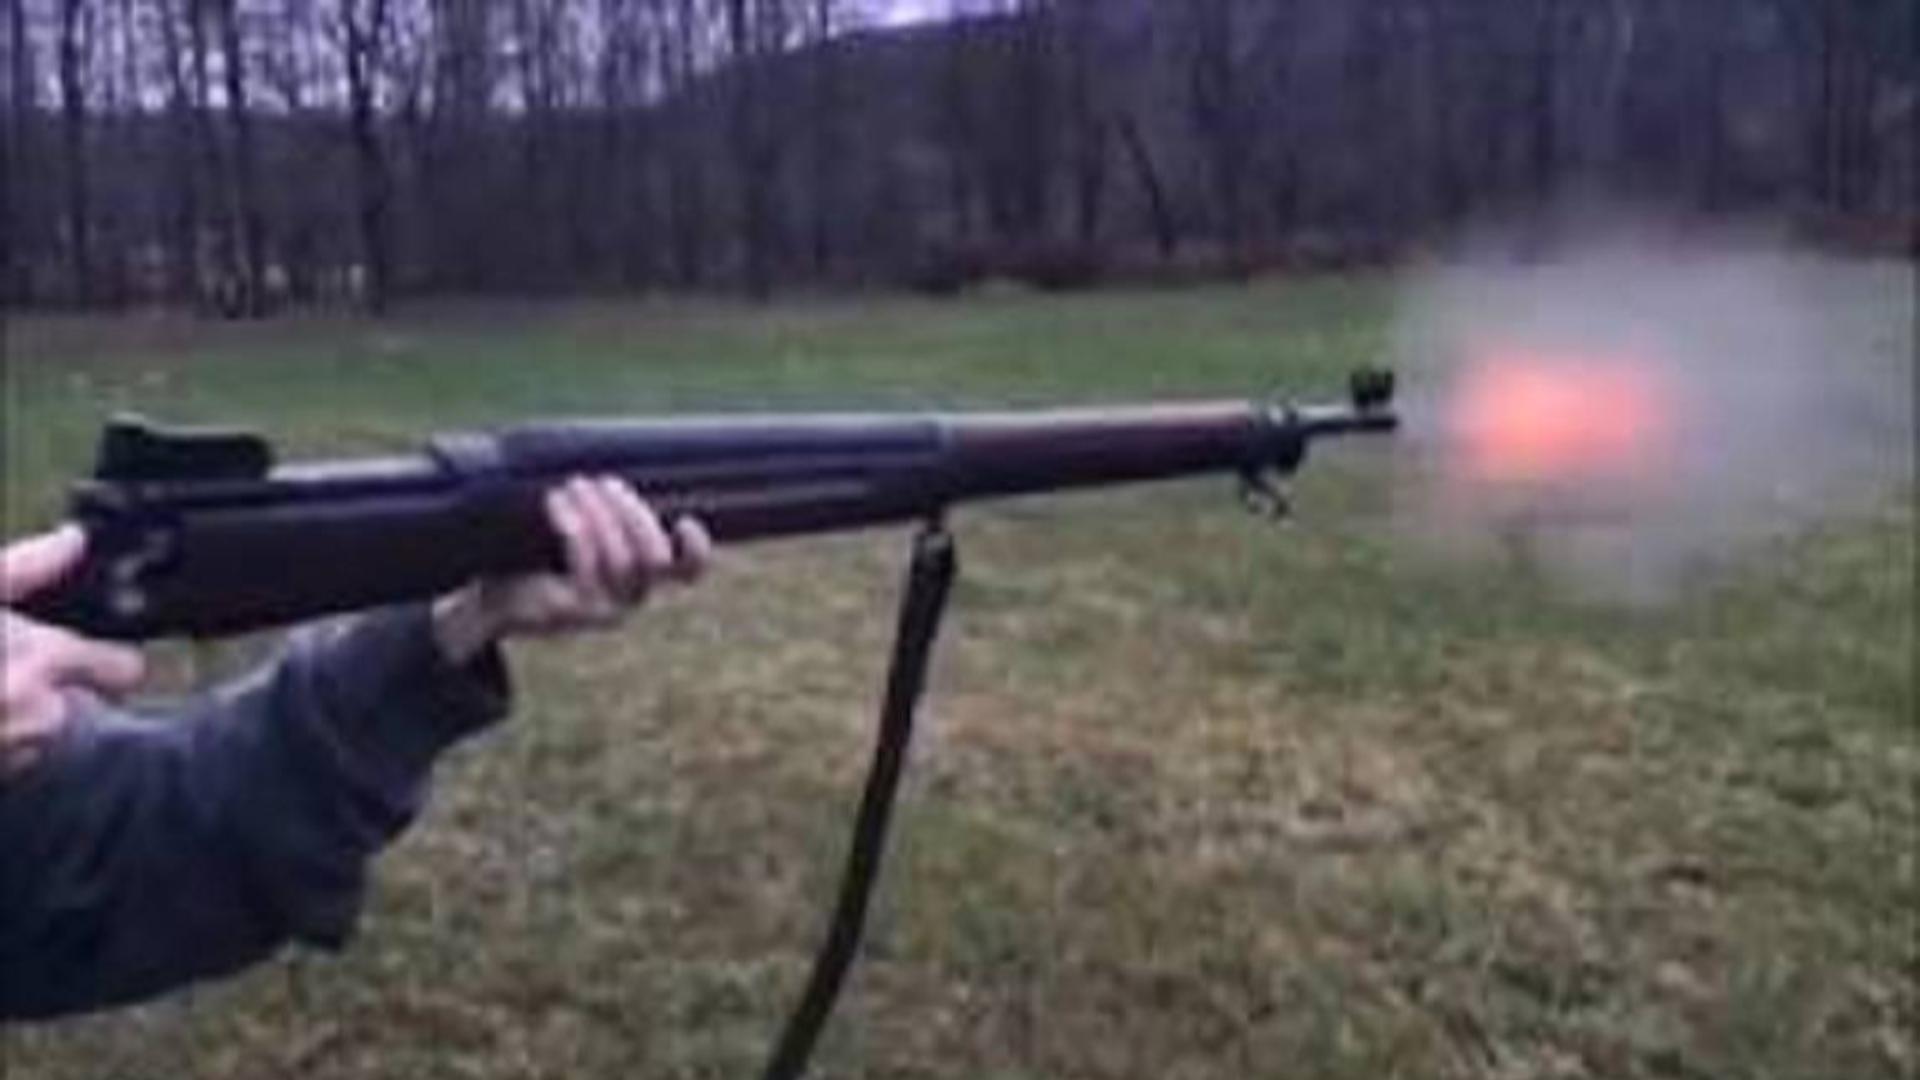 【搬运/没什么字幕可加】恩菲尔德M1917步枪 武器欣赏